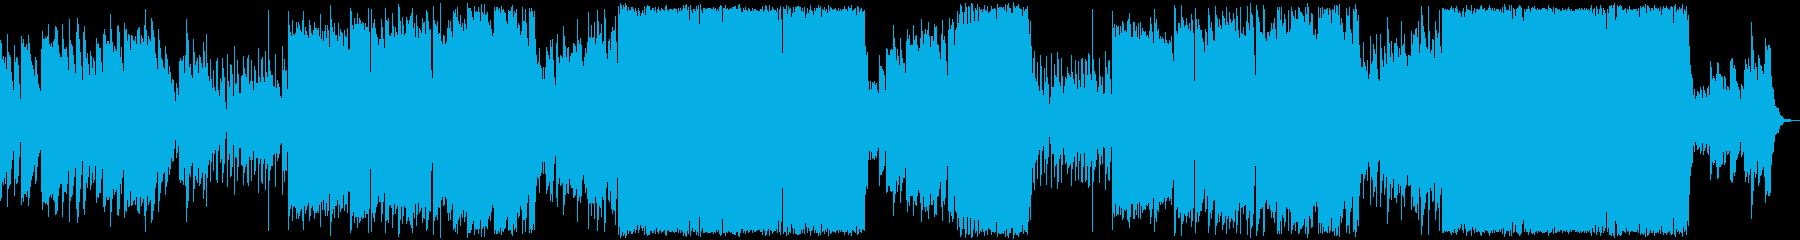 怪しいクリスマス・ハロウィンのBGMの再生済みの波形